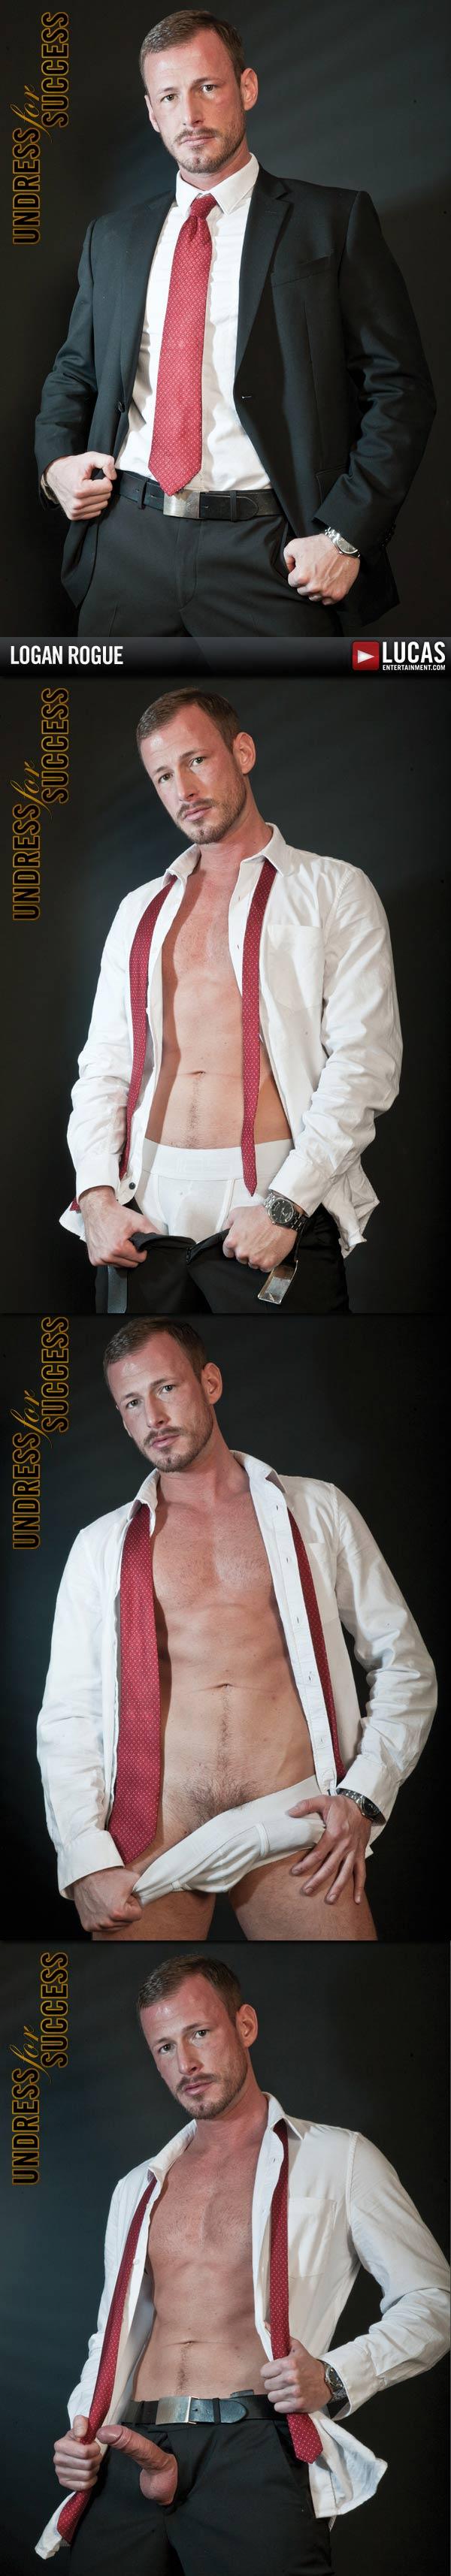 Undress For Success (Paul Walker & Logan Rogue) at LucasEntertainment.com